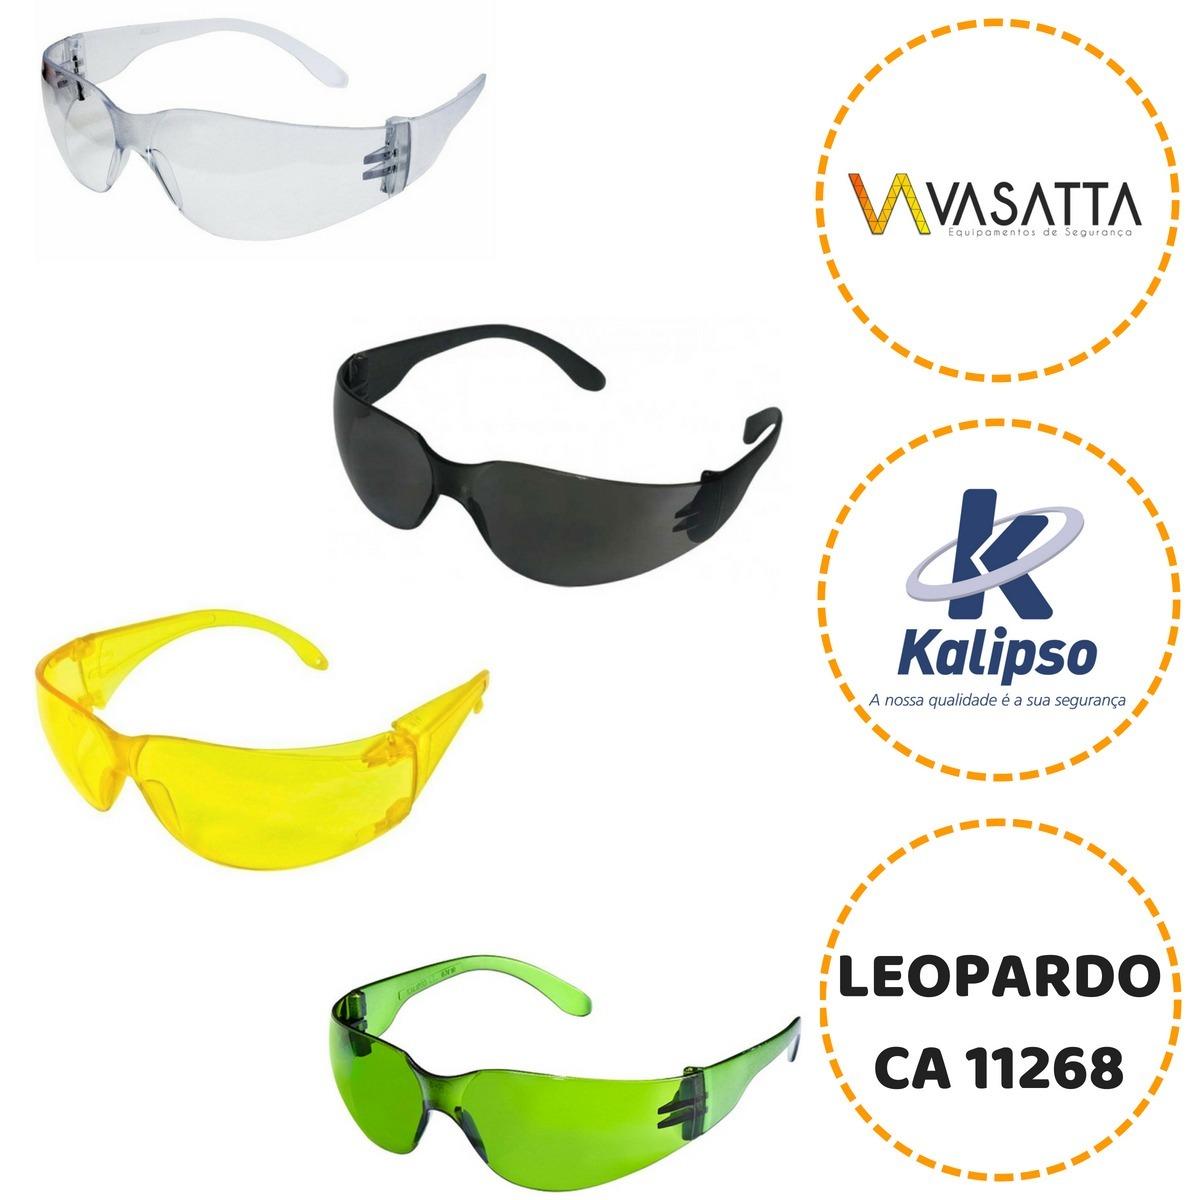 oculos de segurança leopardo kalipso caixa com 12 unidades. Carregando zoom. cbfc3b1a81